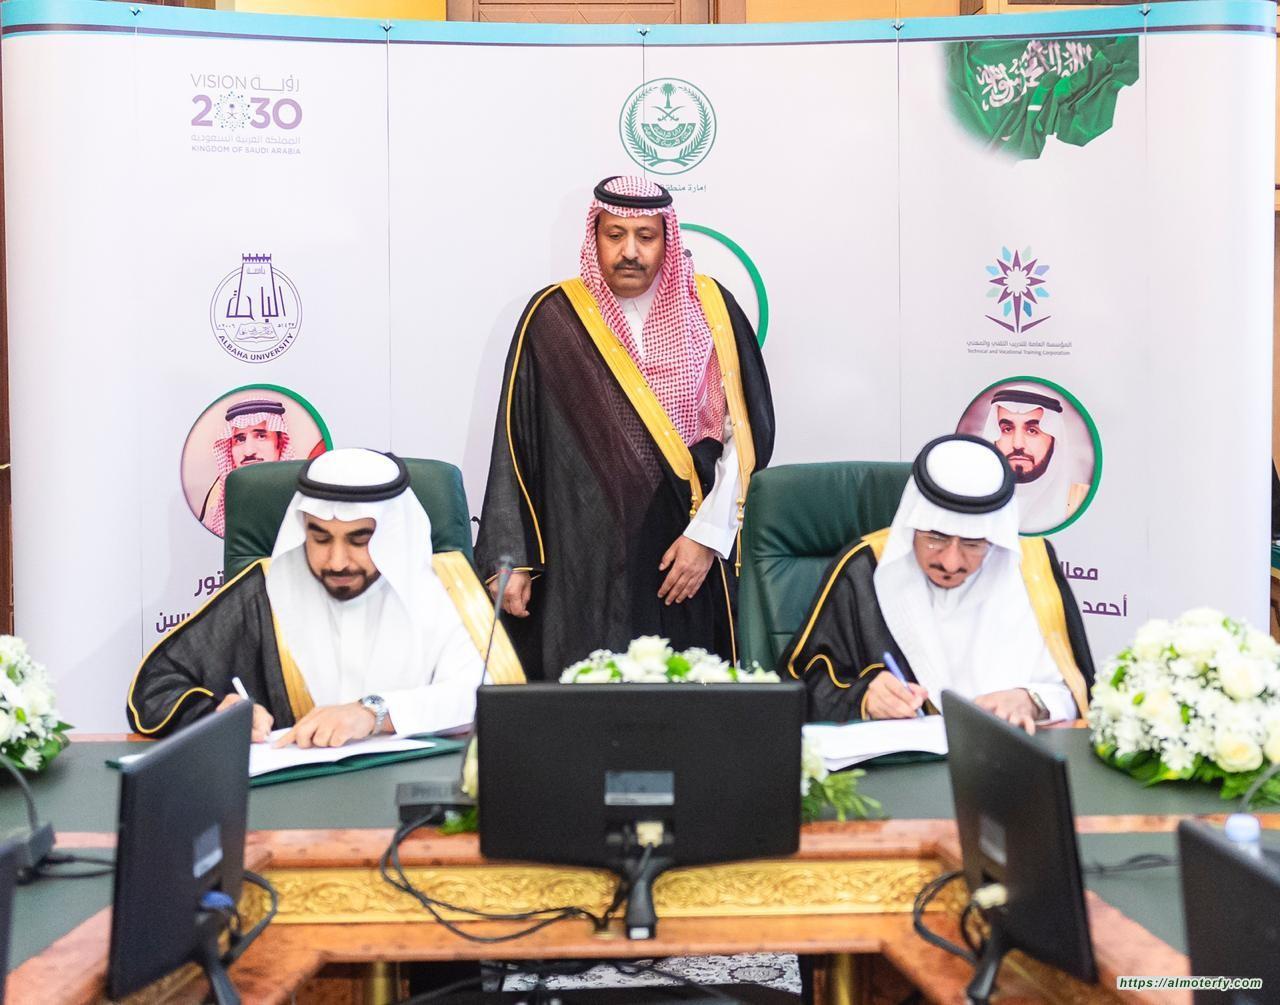 صاحب السمّو الأمير الدكتور حسام بن سعود يرعى توقيع اتفاقية بين جامعة الباحة والمؤسسة العامة للتدريب التقني والمهني